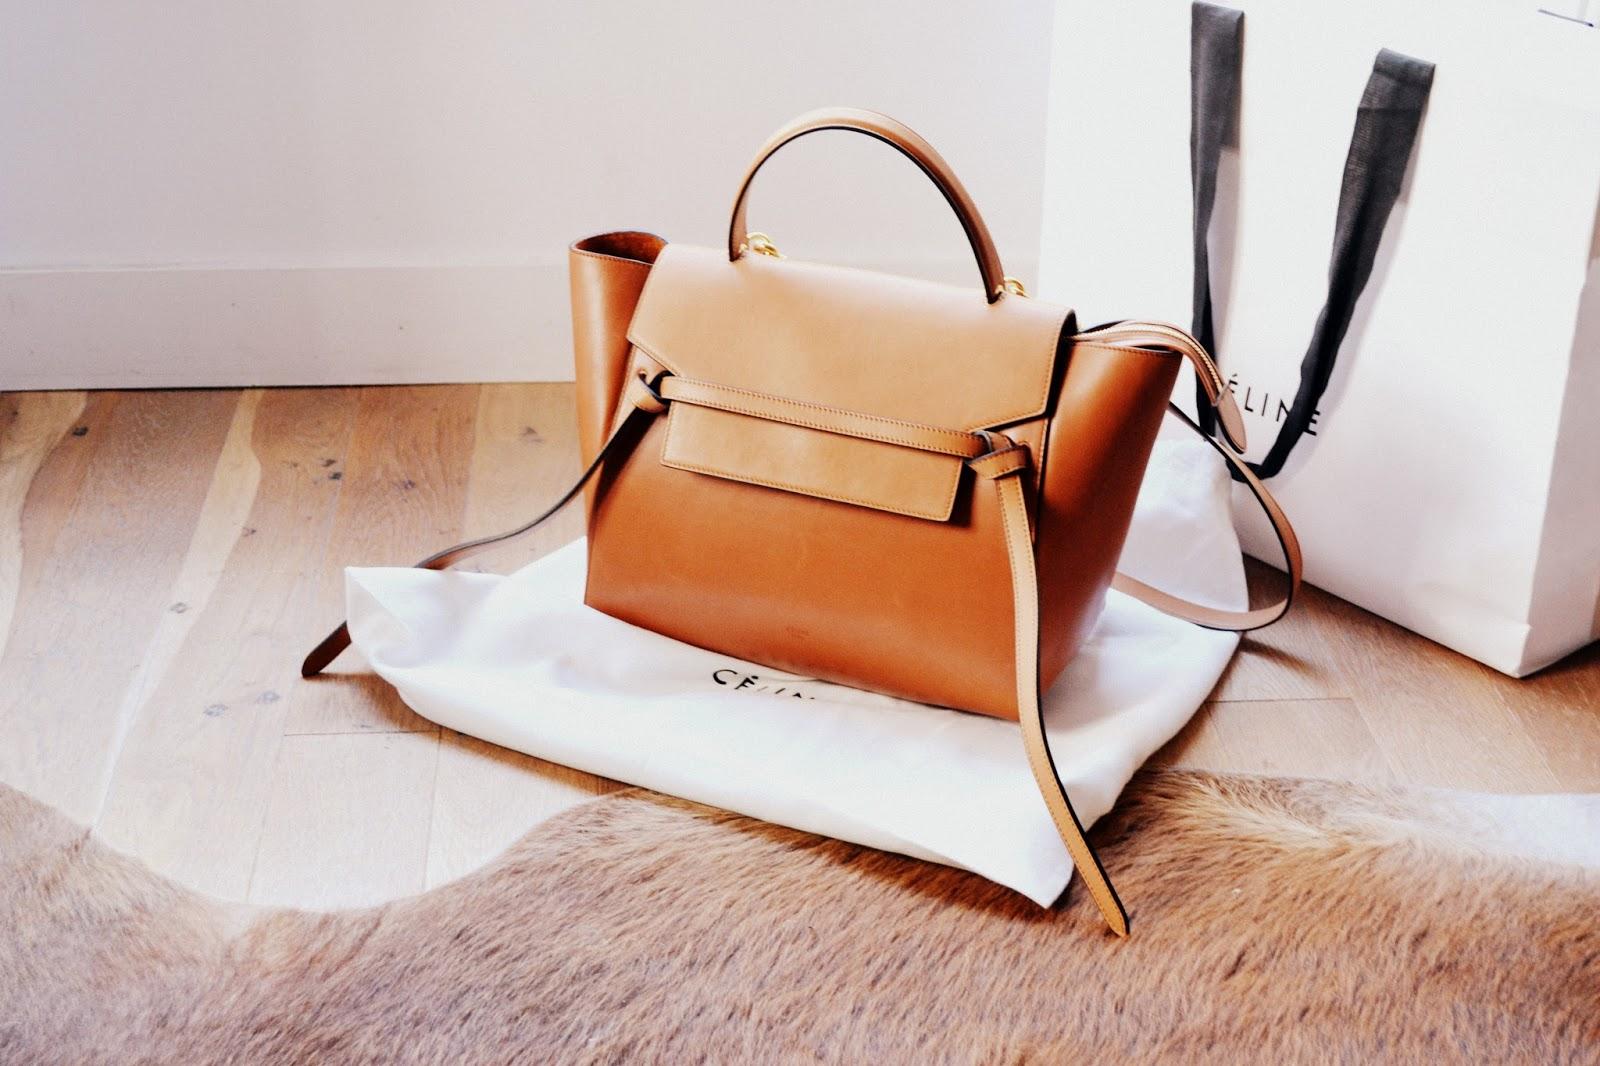 Celine mini belt bag размерность изабель марант